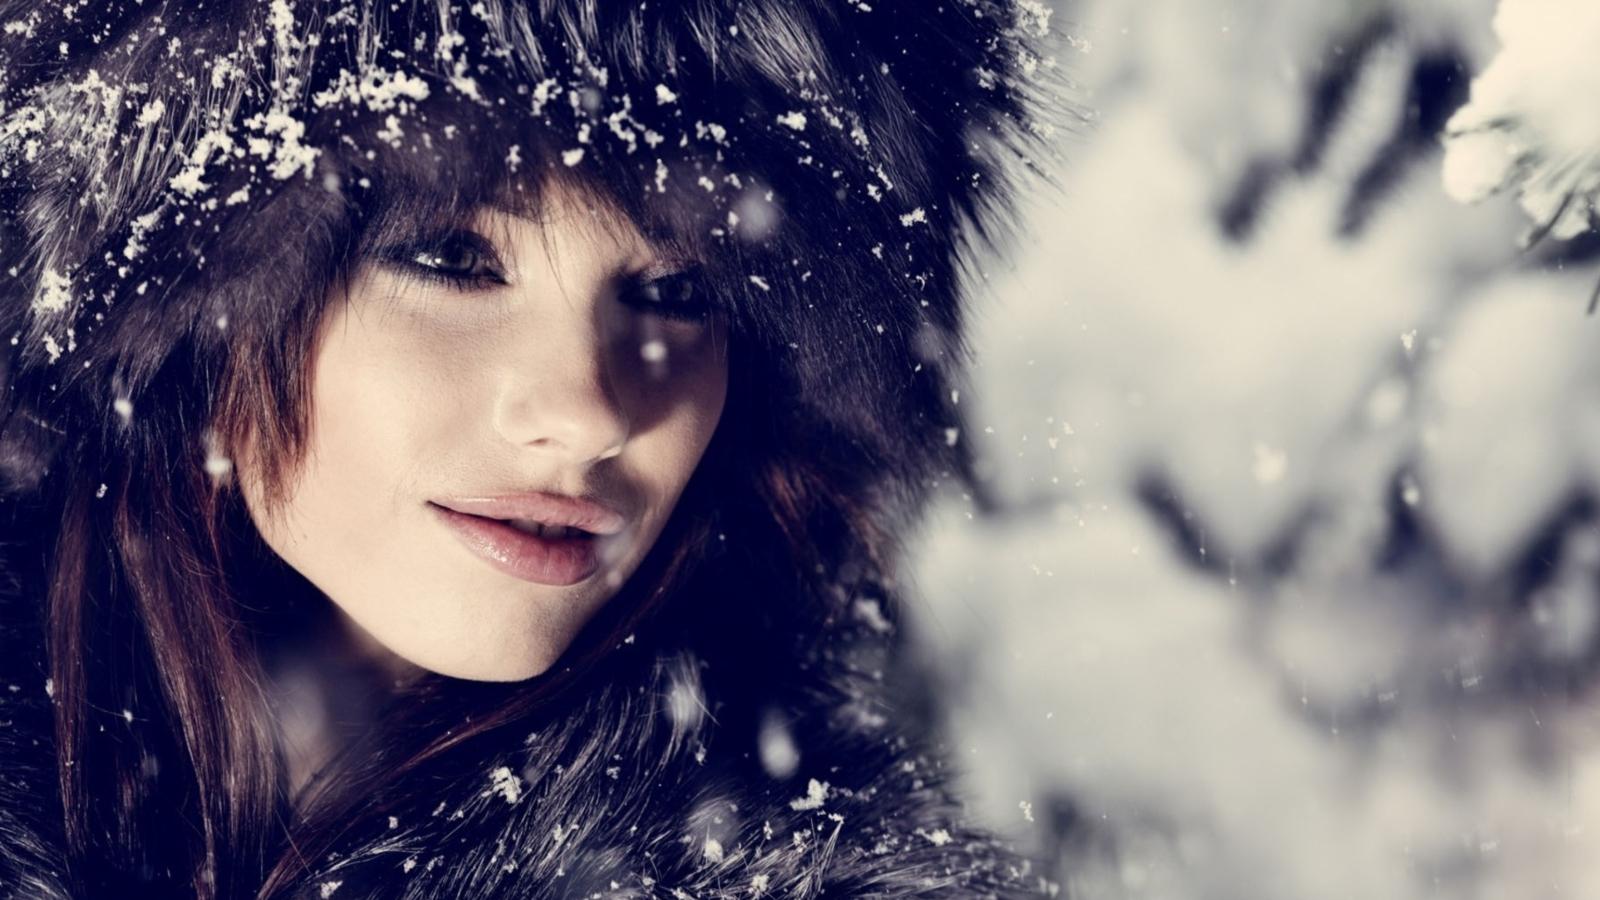 брюнетки под снегом фото этого случая